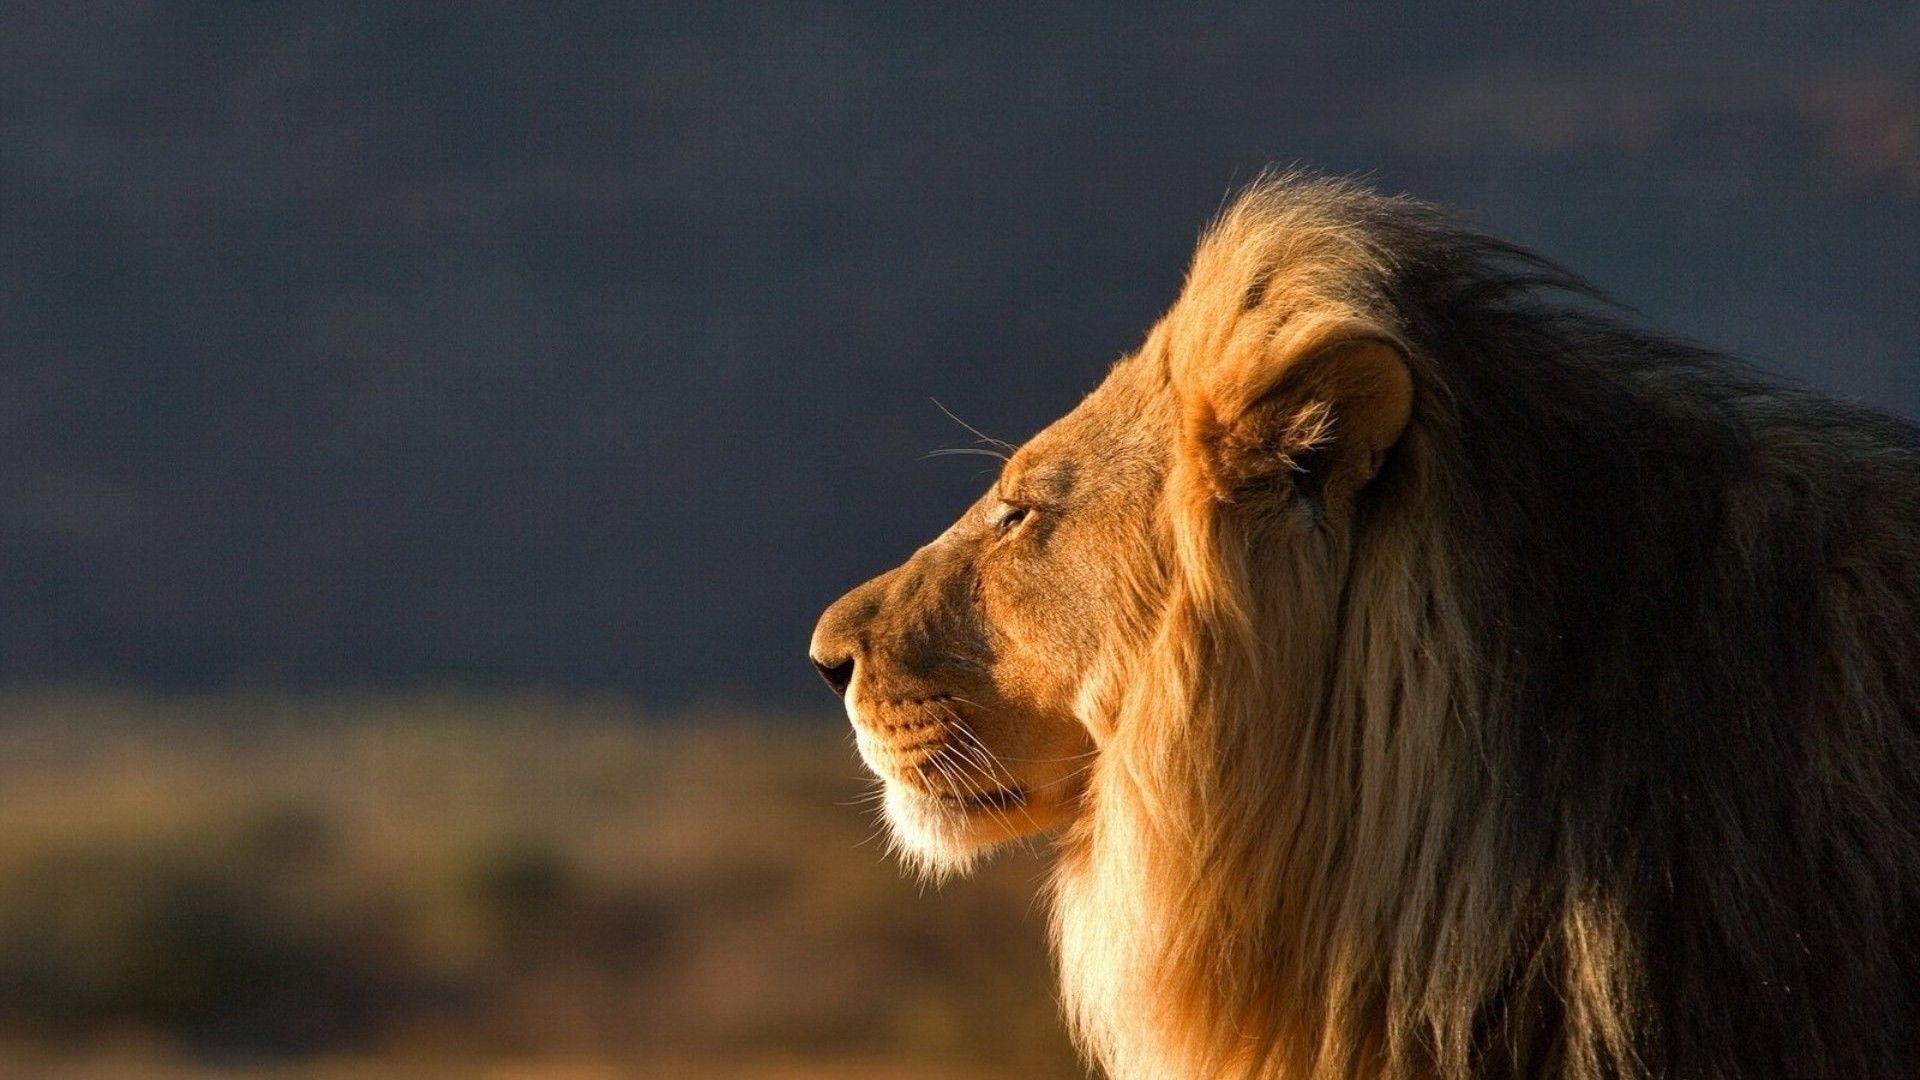 1920x1080 1920x1080 Wallpaper Lion Face Mane Coat Profile Lion Images Lion Hd Wallpaper Cute Wild Animals